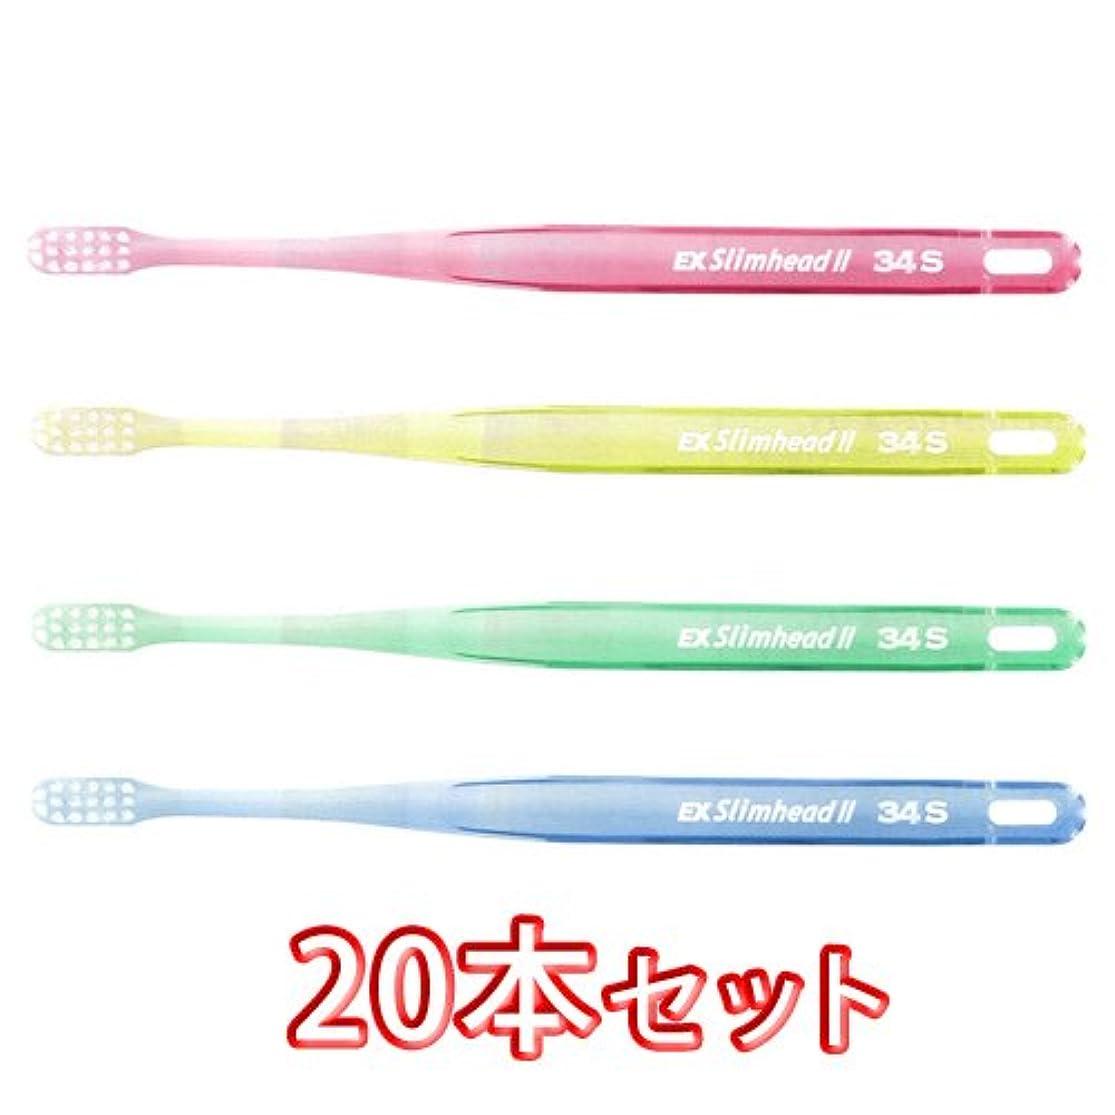 受粉する封筒胴体ライオン スリムヘッド2 歯ブラシ DENT . EX Slimhead2 20本入 (34S)